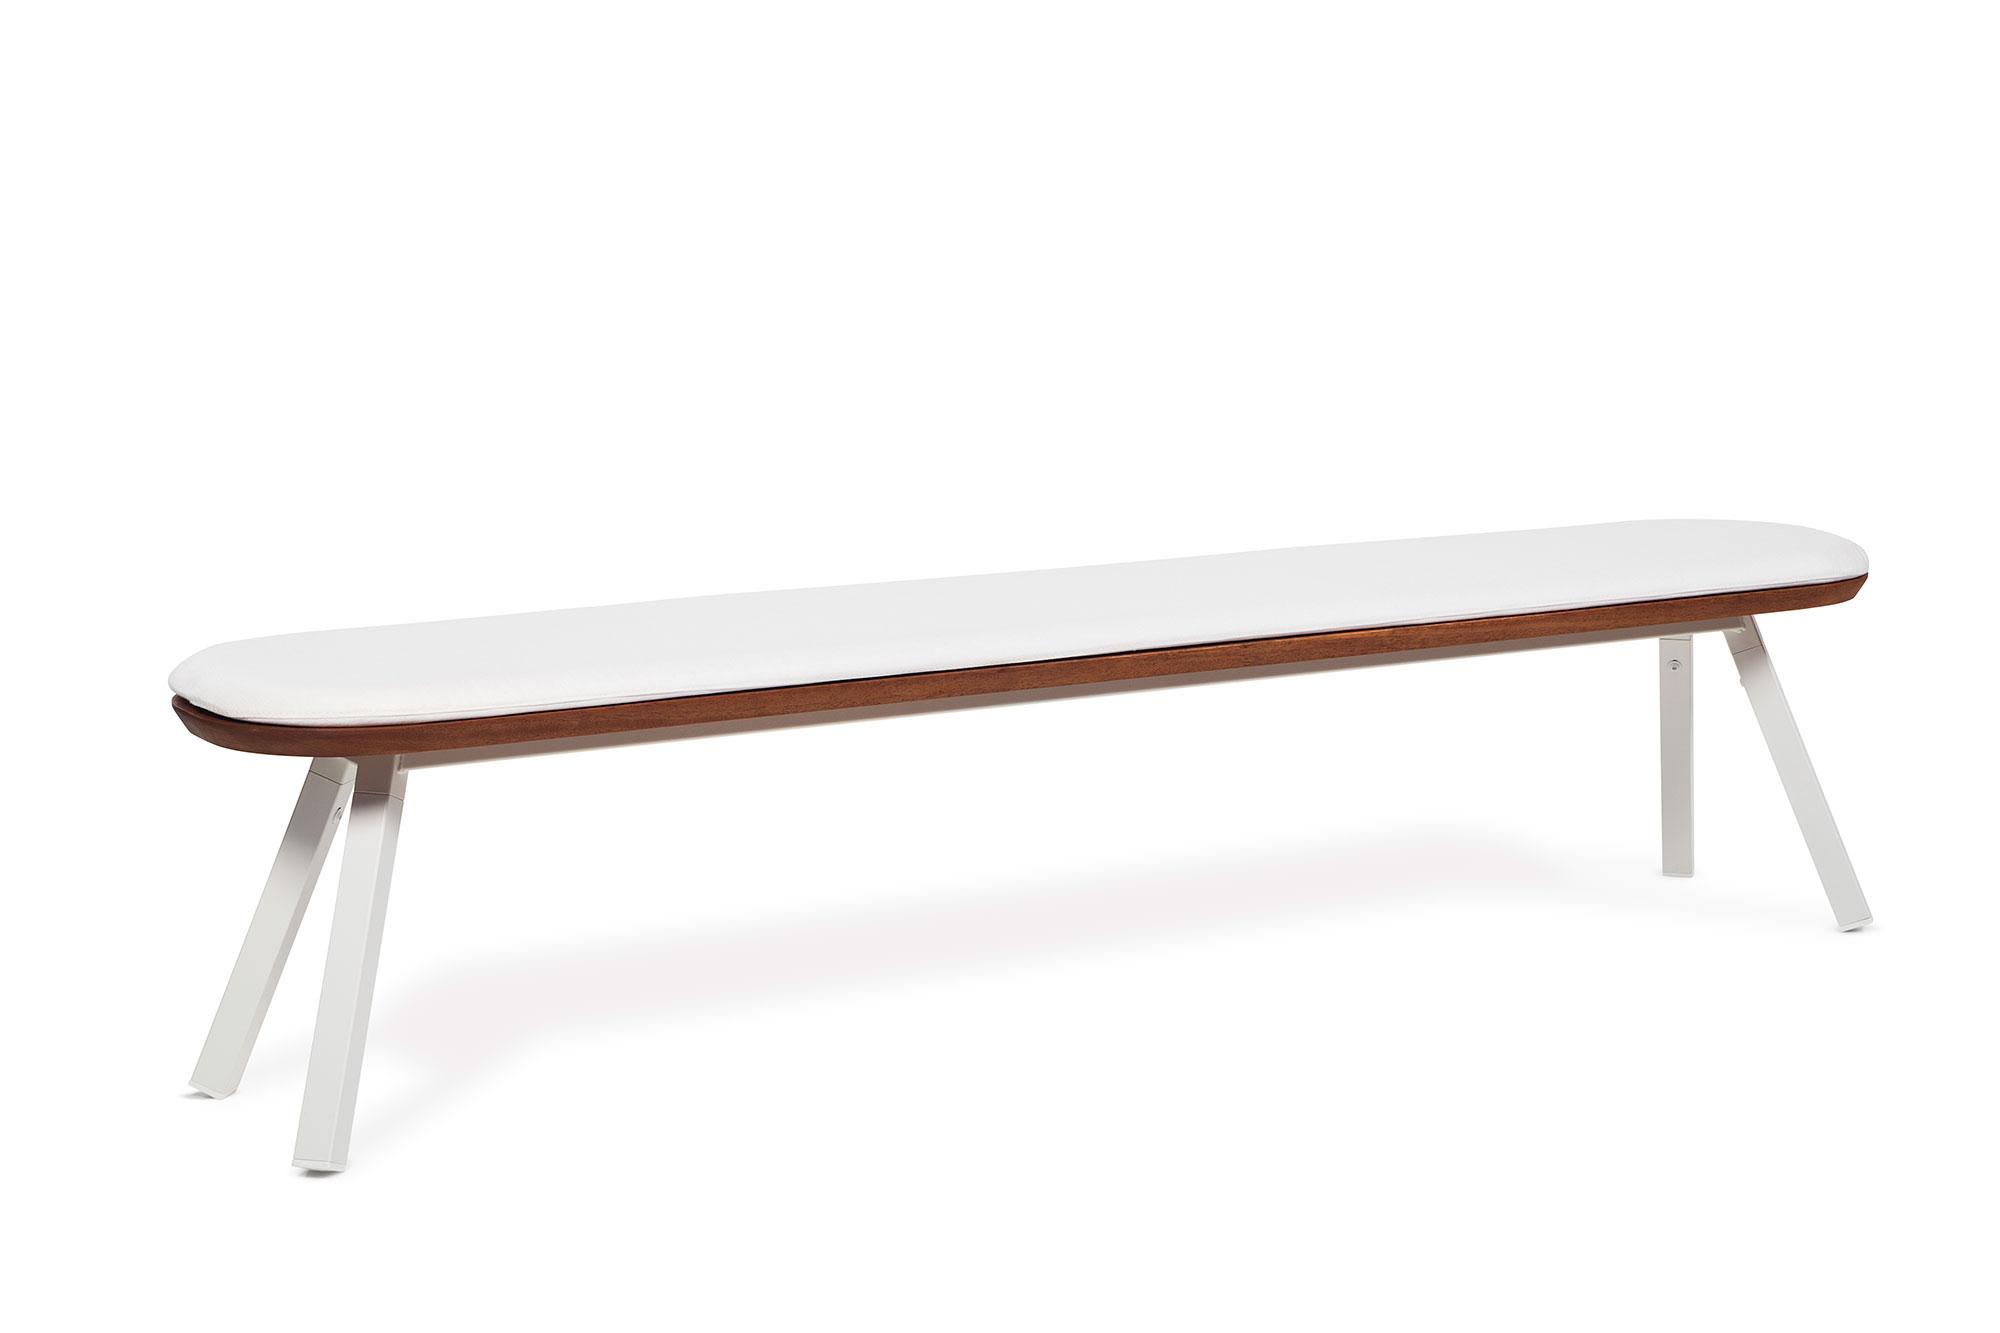 """Sitzkissen zur Sitzbank 220 cm """"In- & Outdoor"""" - Design YM von RS Barcelona"""